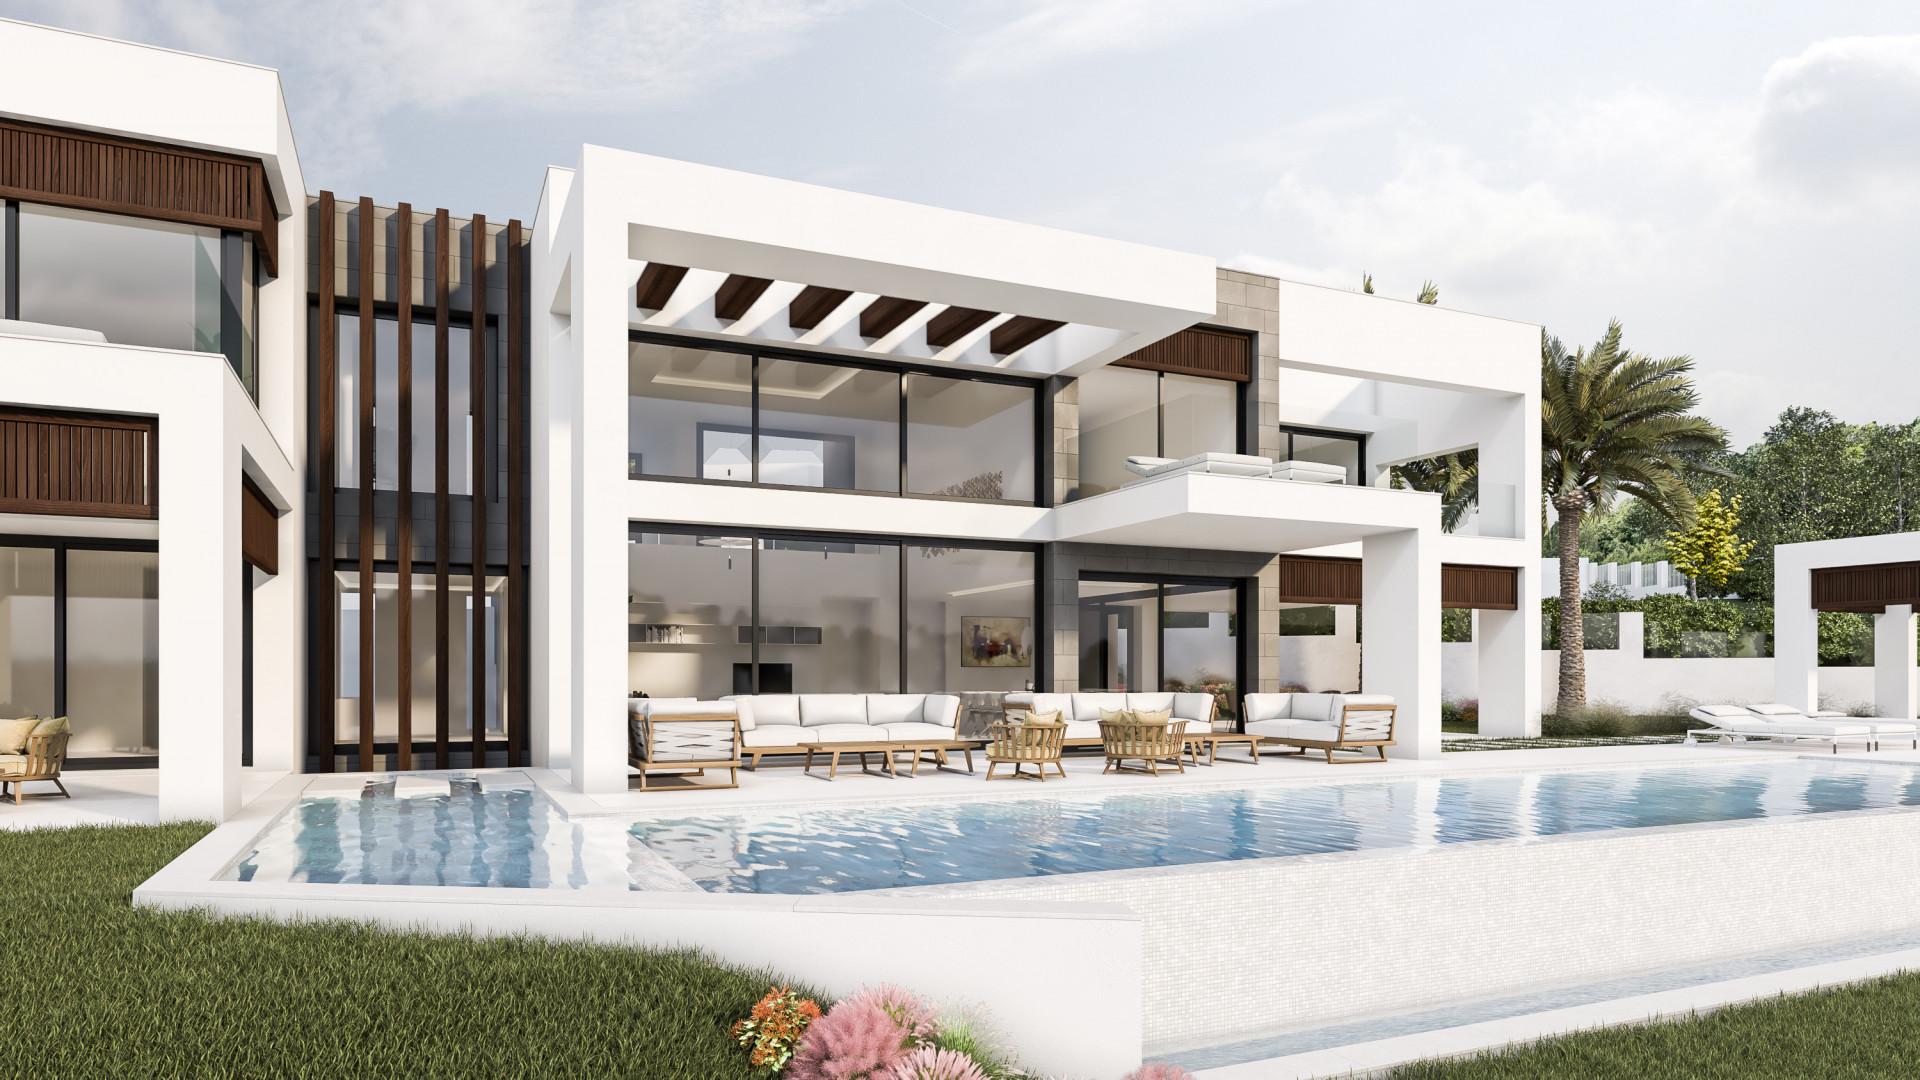 Newly built modern villa for sale in La Cerquilla - Nueva Andalucia - Marbella